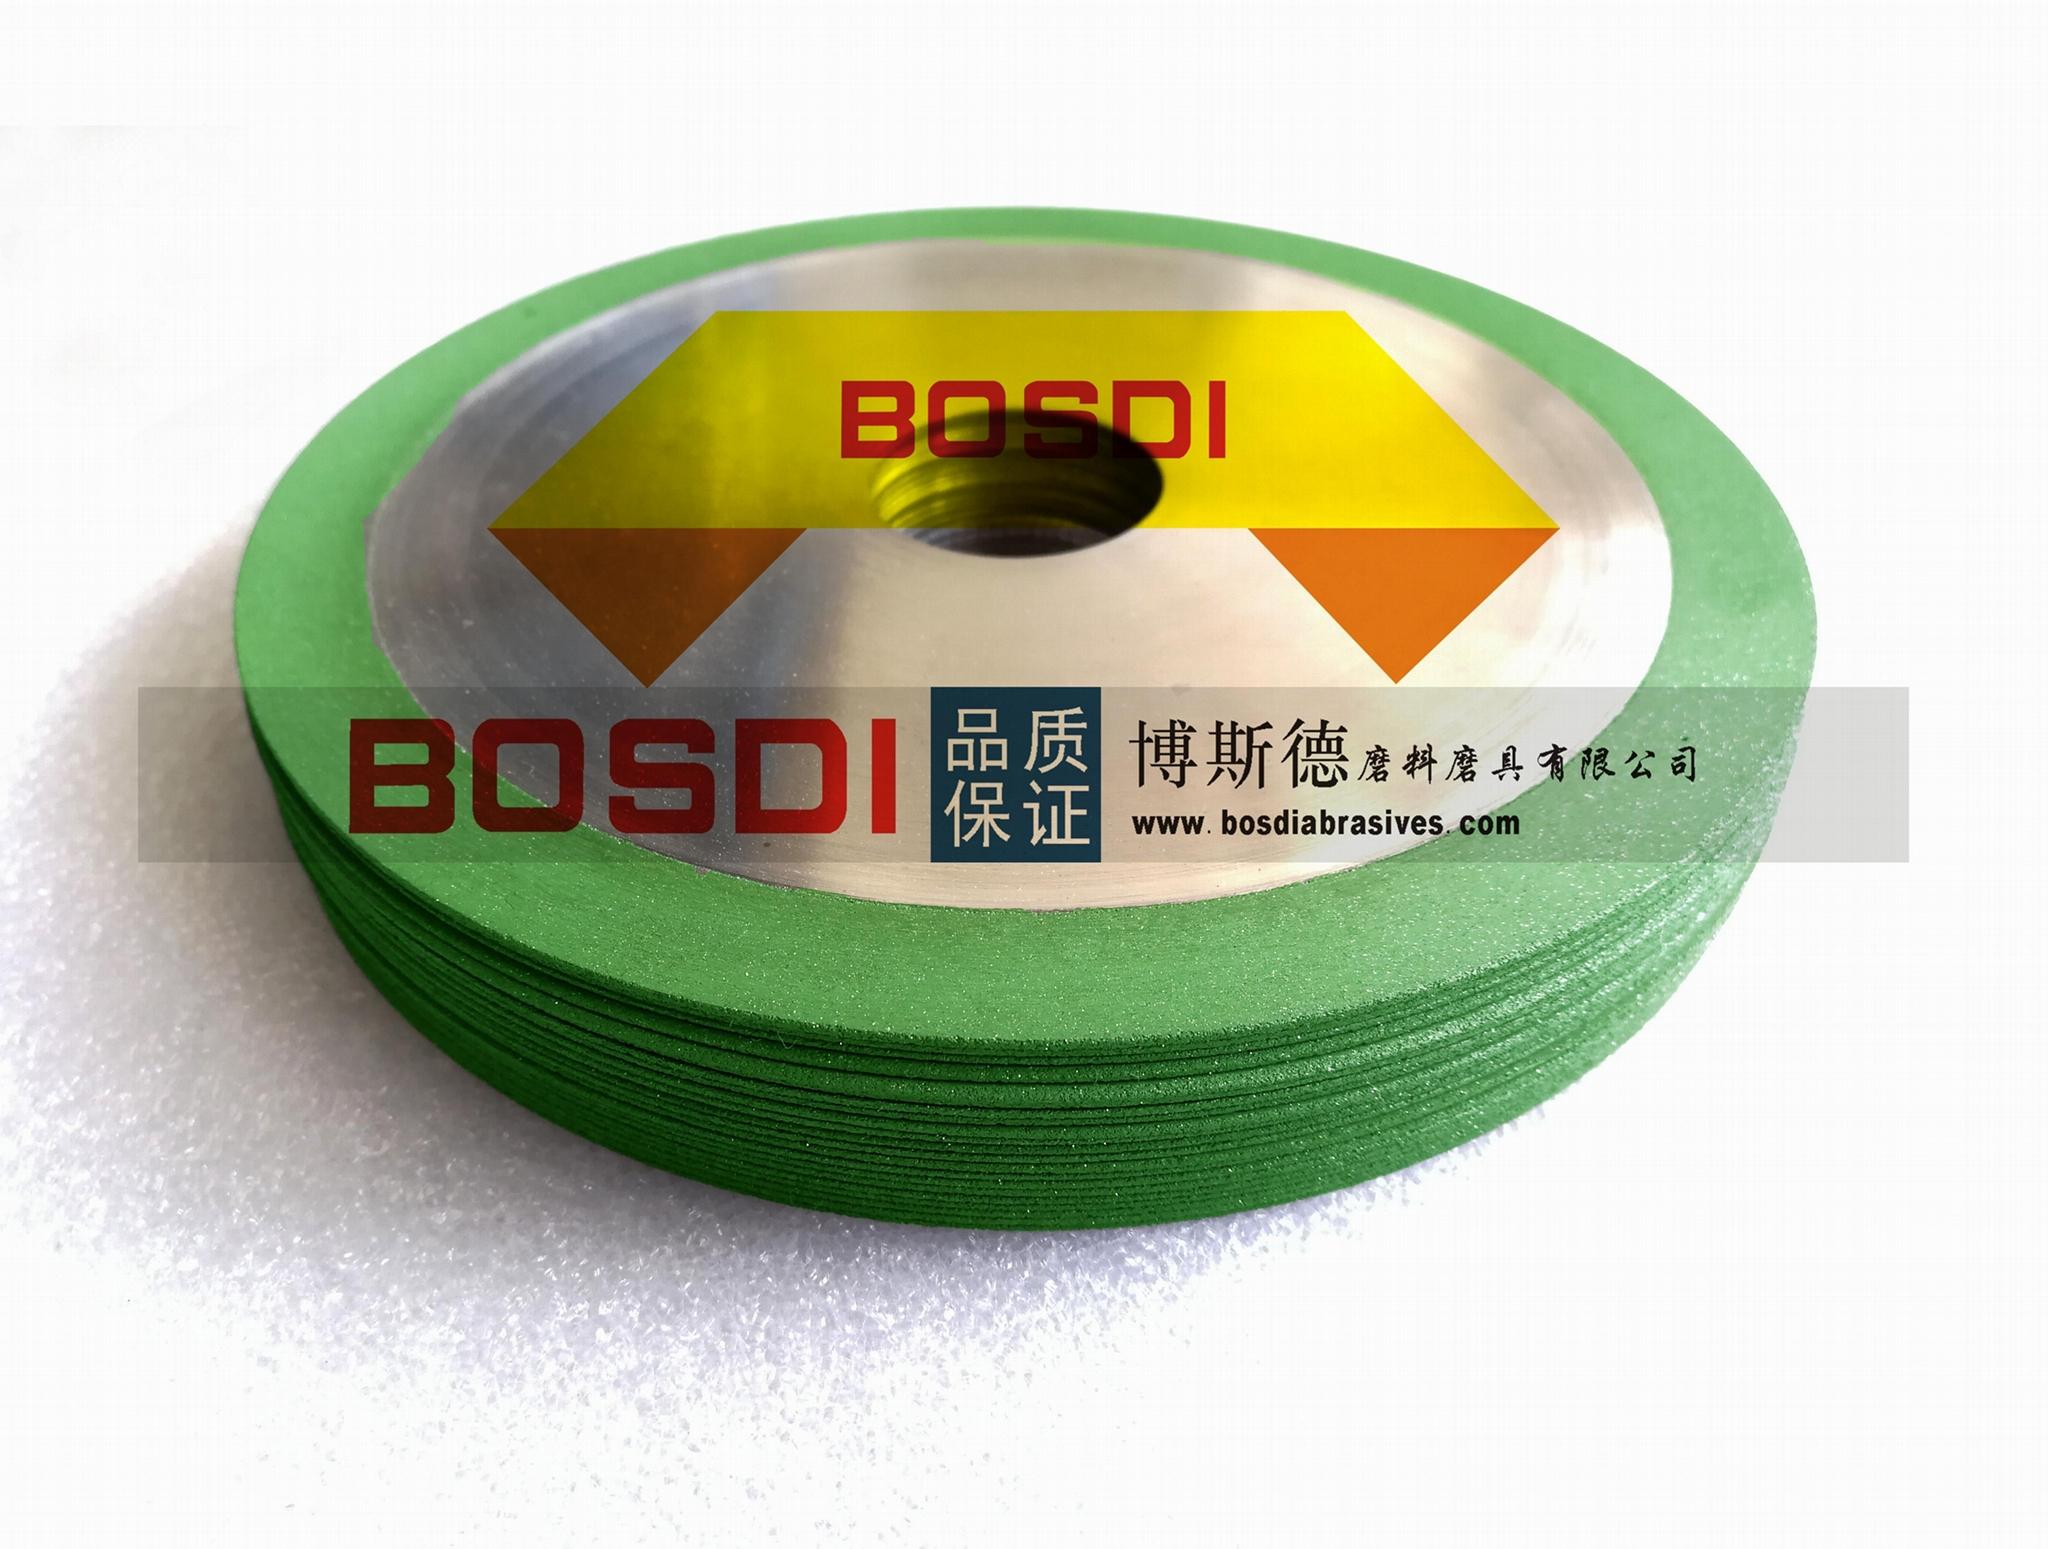 玻璃管 玉器 陶瓷瓷器 磁性切割片 1